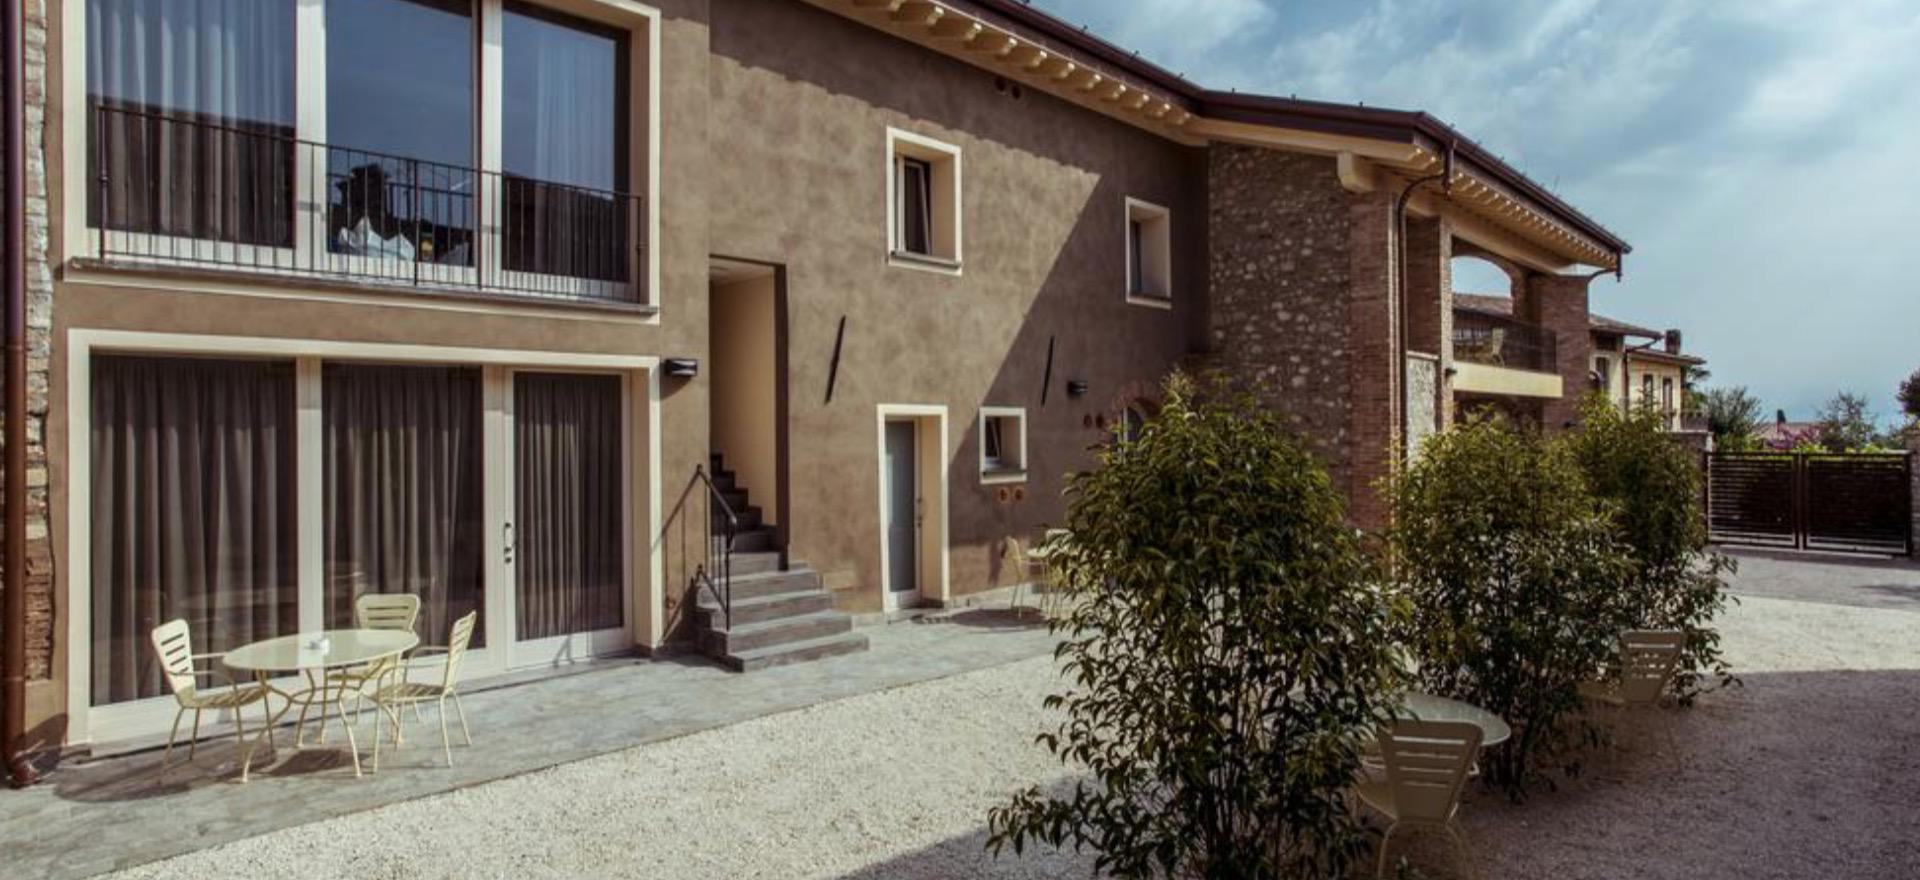 Agriturismo Comomeer en Gardameer Appartementen in karakteristiek dorpje bij het Gardameer